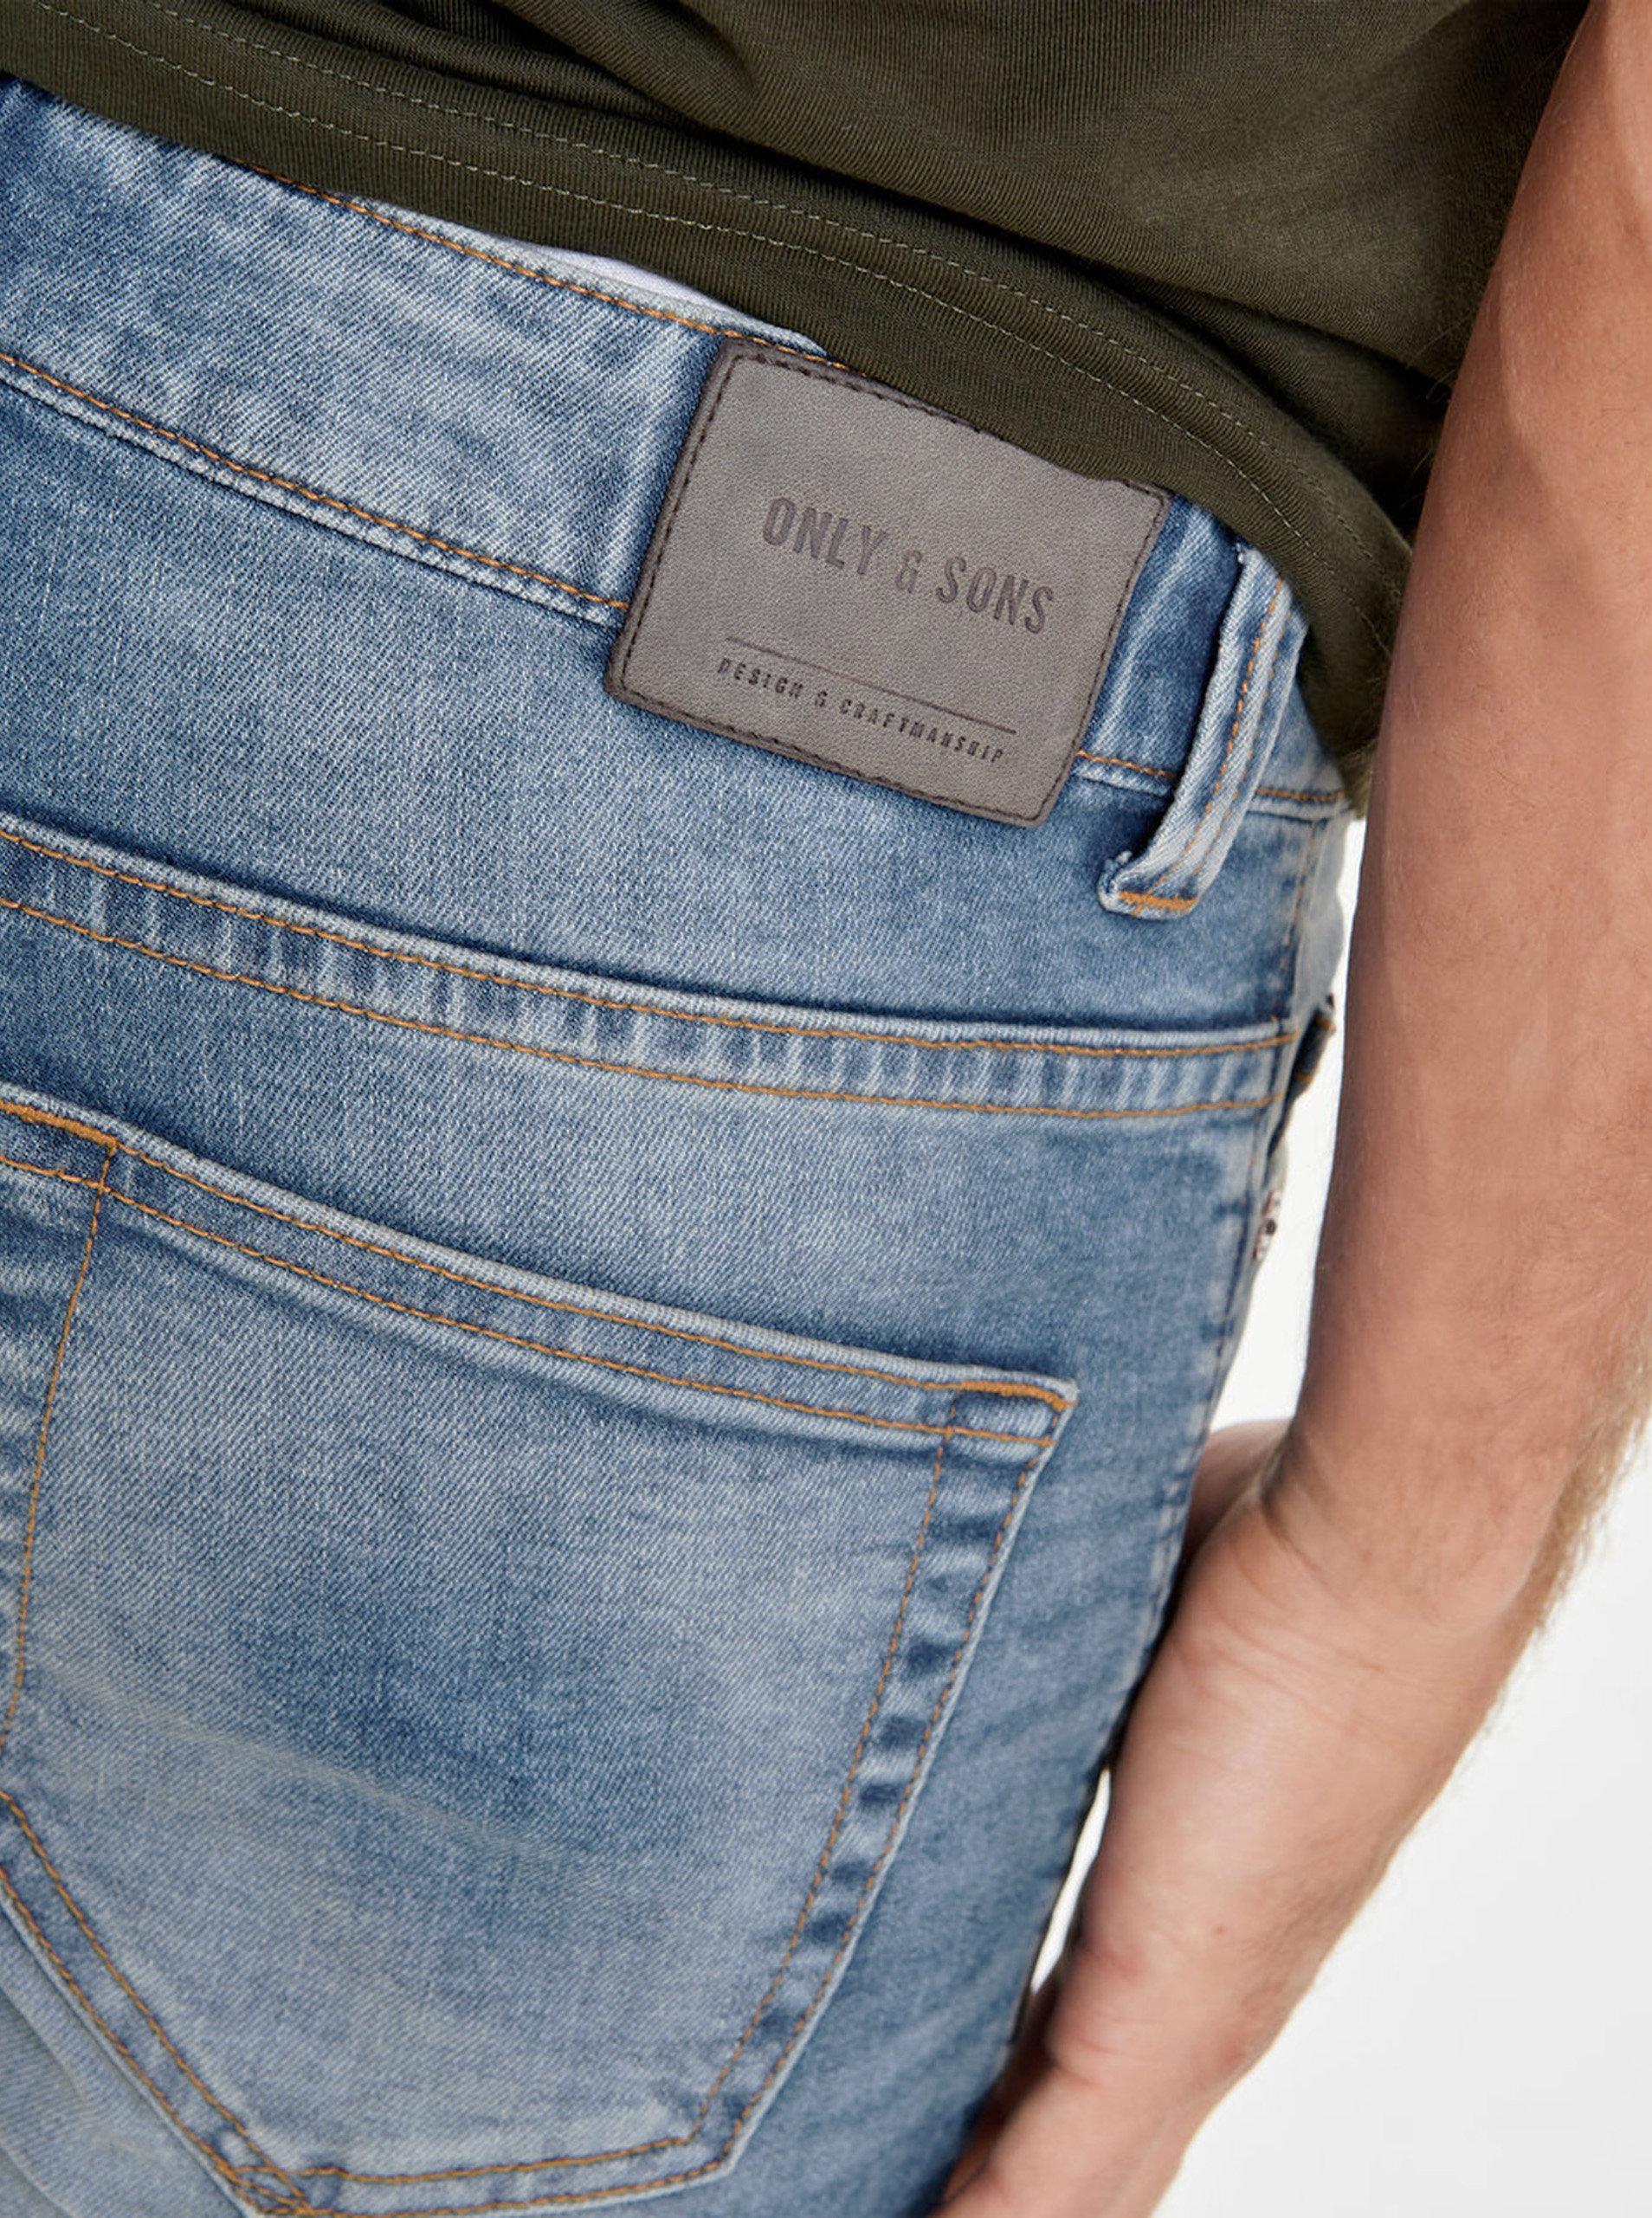 Tmavě modré slim džíny s výrazným vyšisovaným efektem ONLY   SONS Loom ... 2ea9d7163f